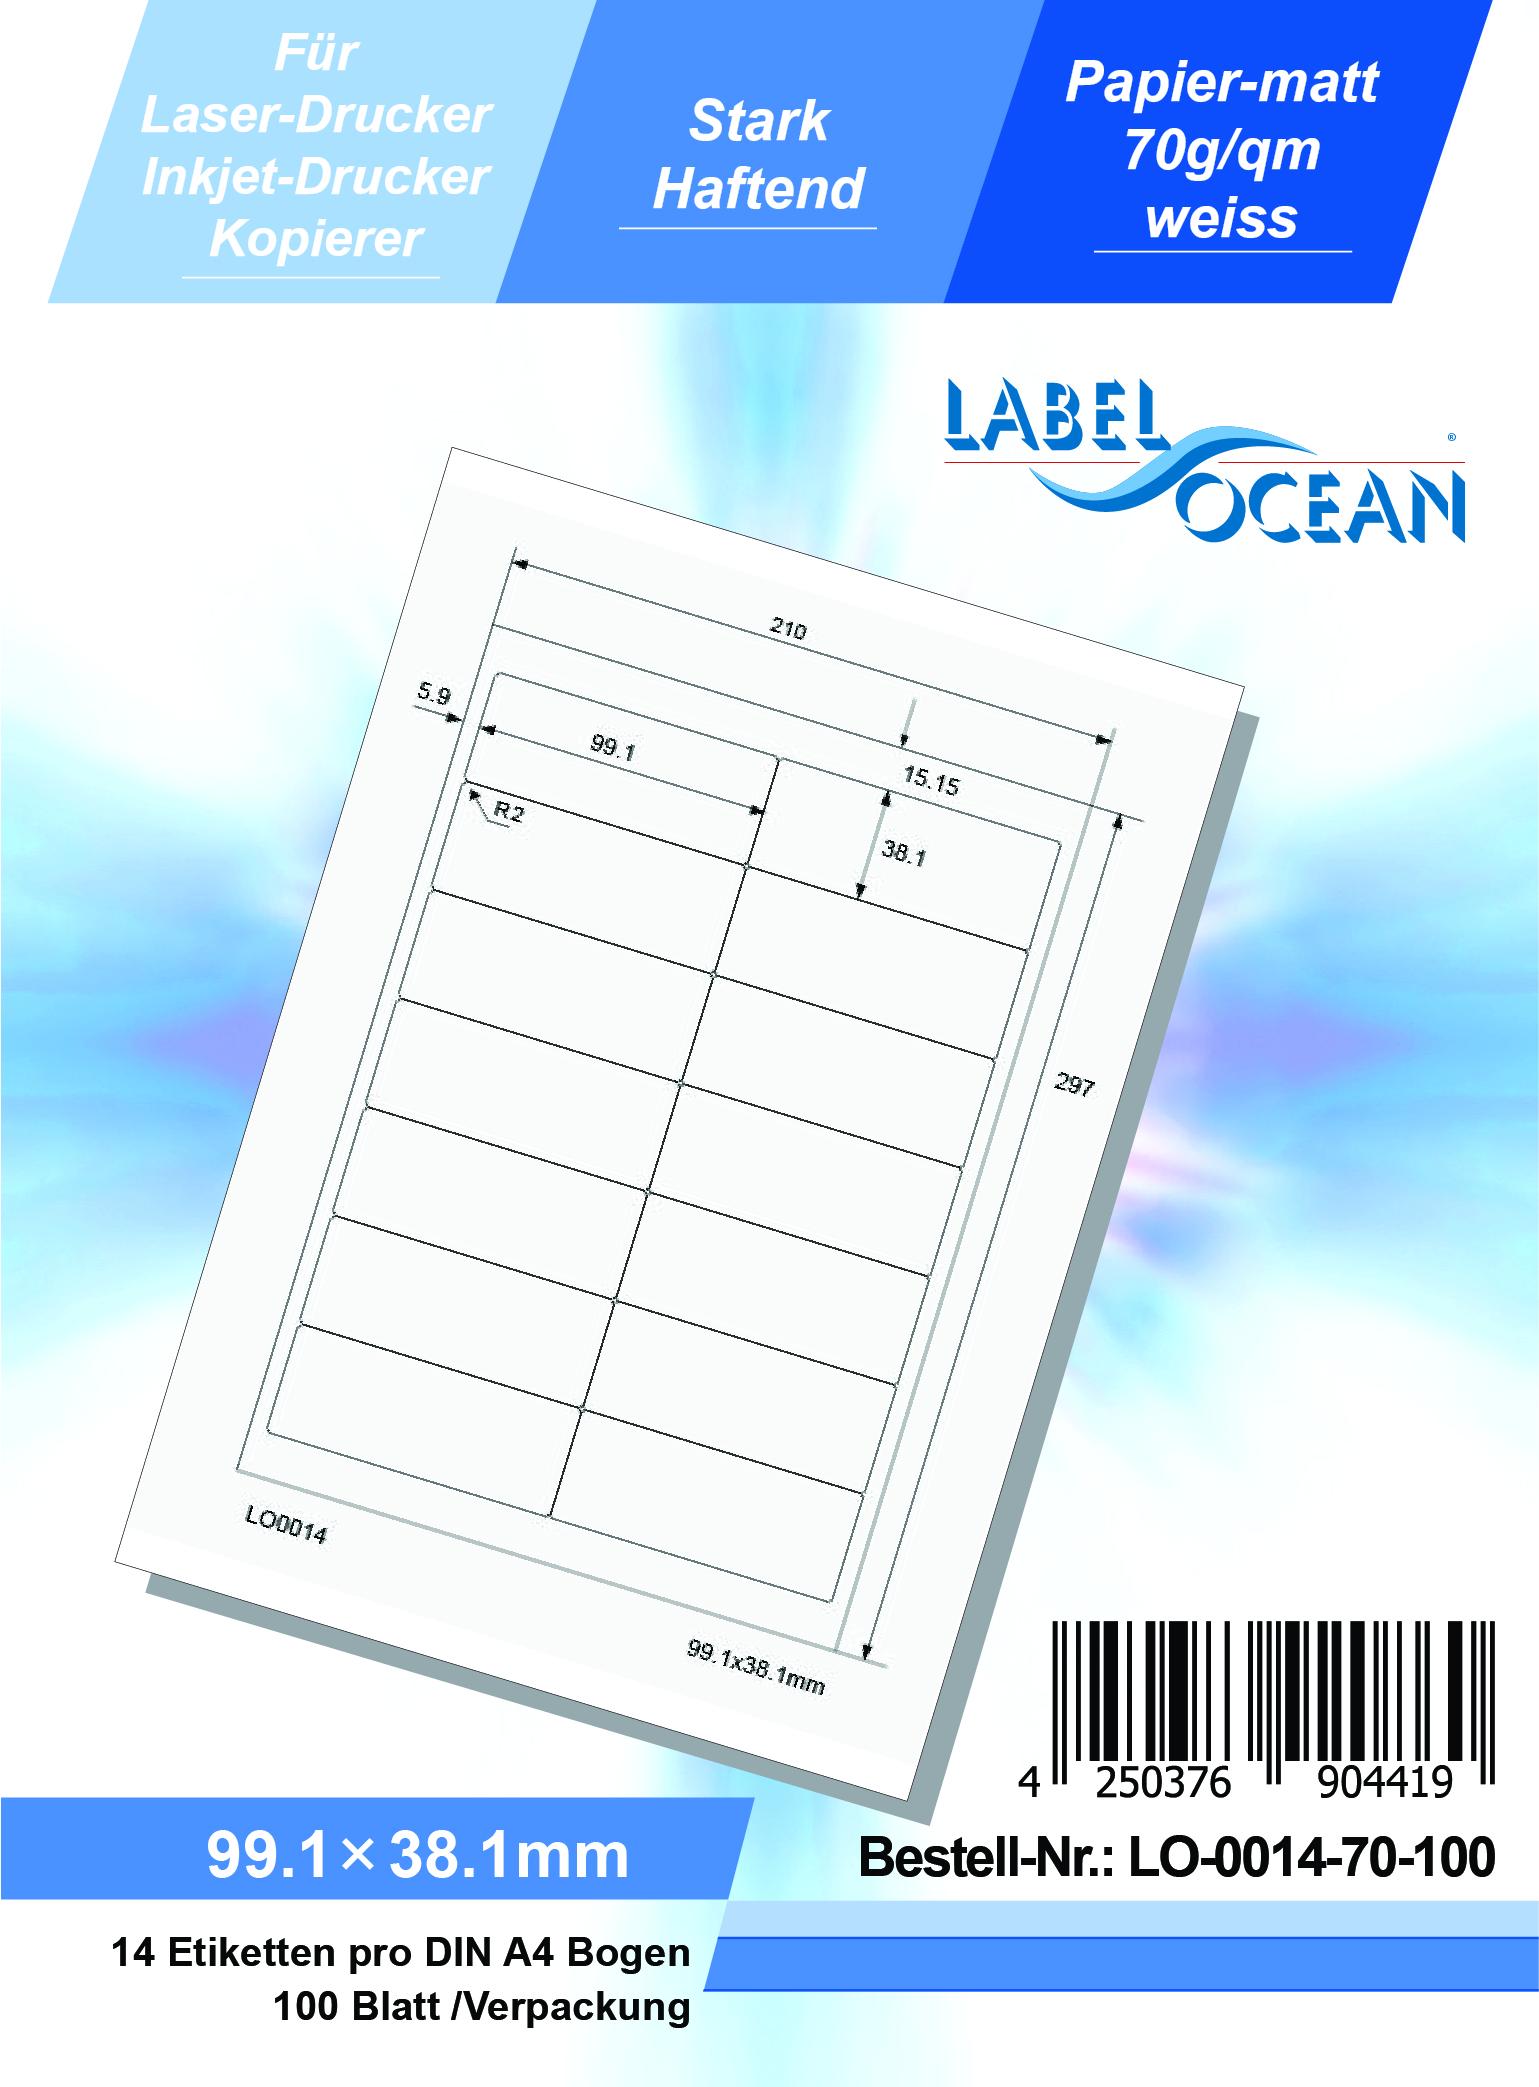 10 Blatt Laser Inkjet Kopierer Klebeetiketten DIN A4 weiß 70x52mm